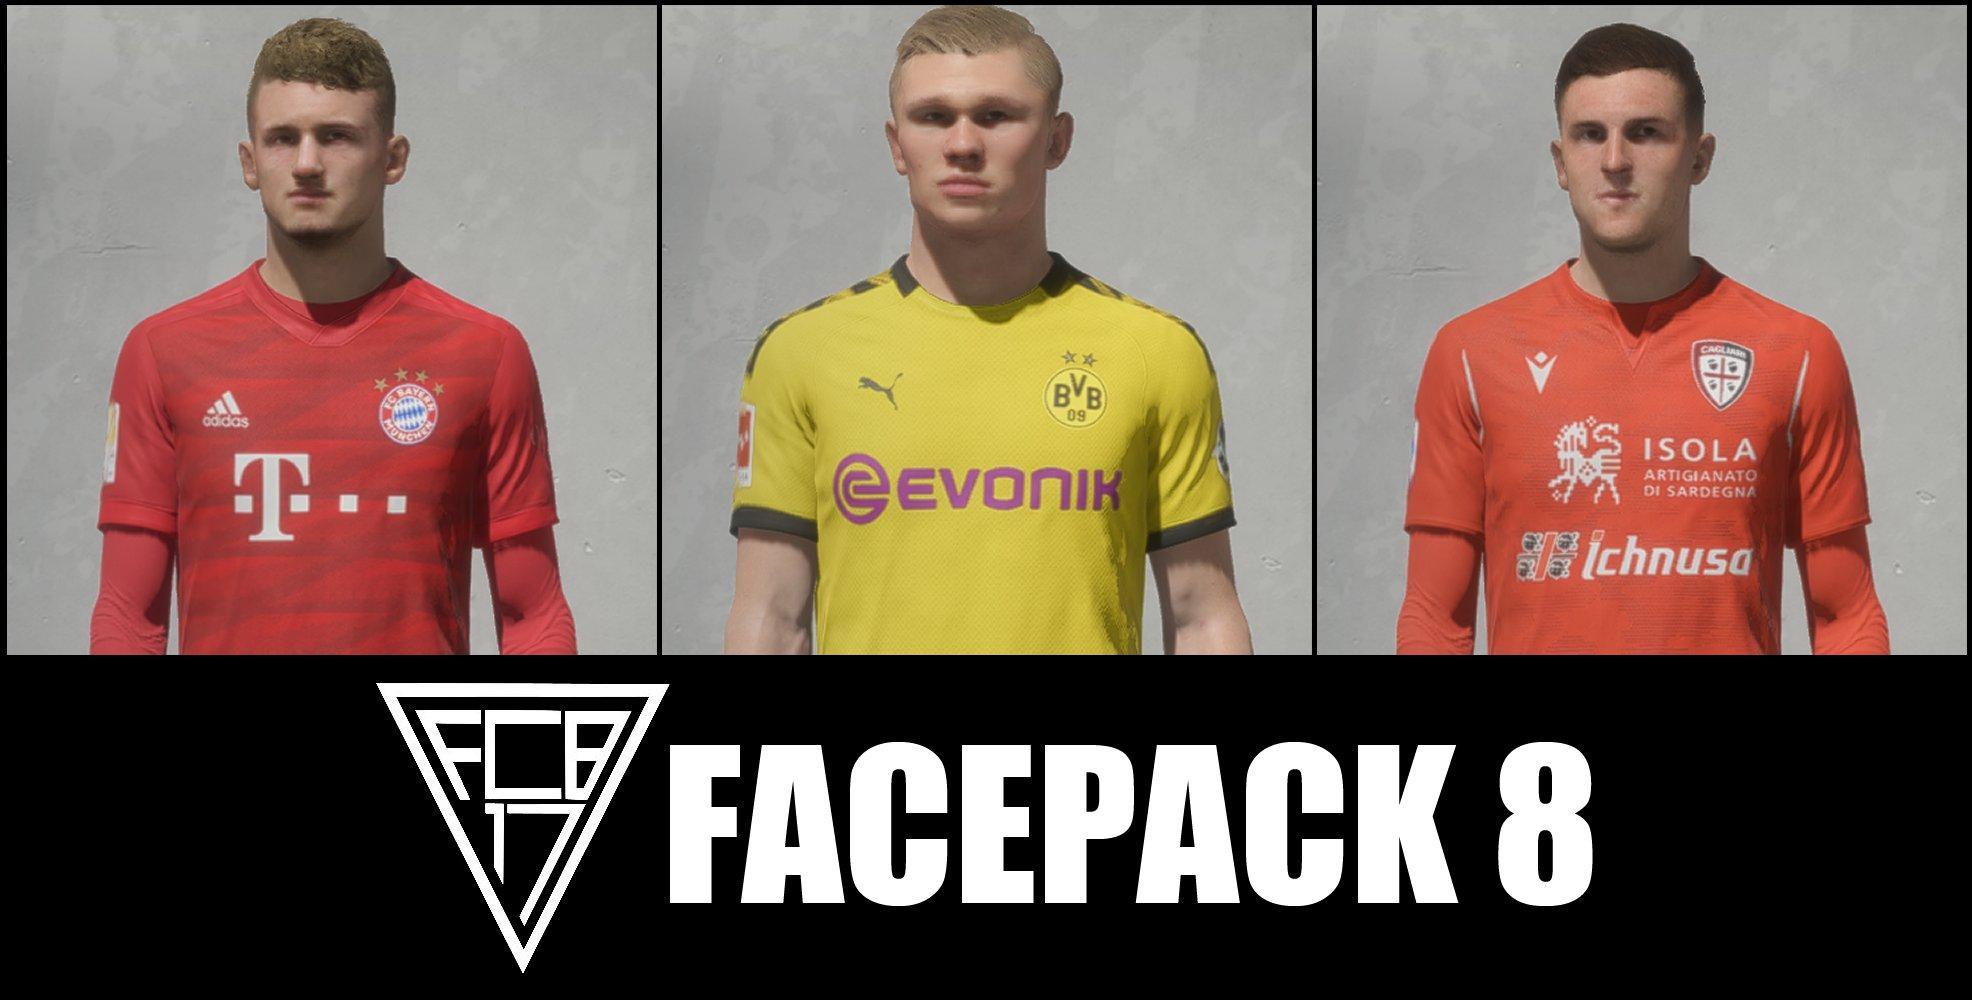 FCB17 Facepack #8